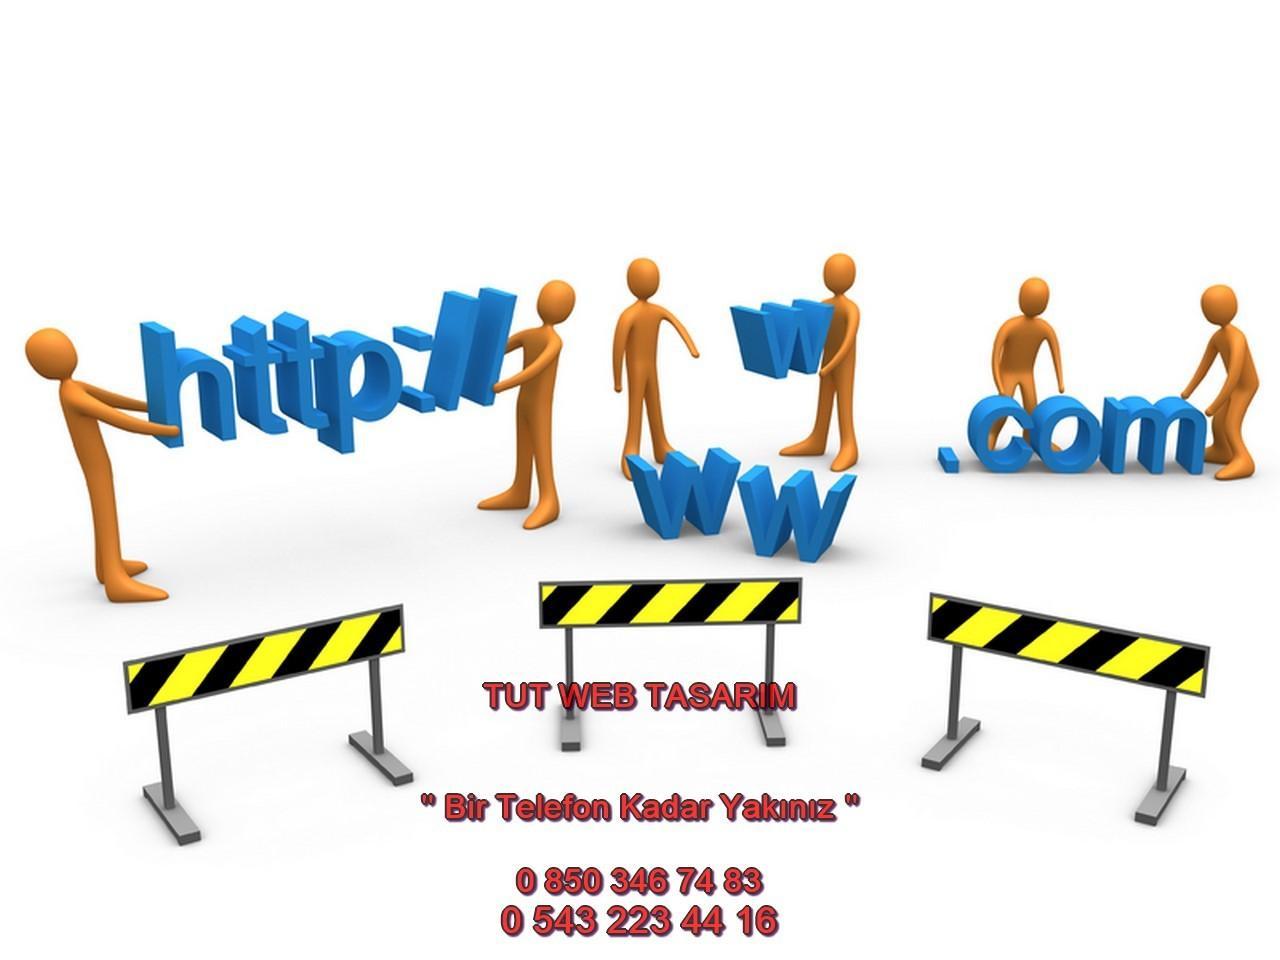 Tut Web Tasarım